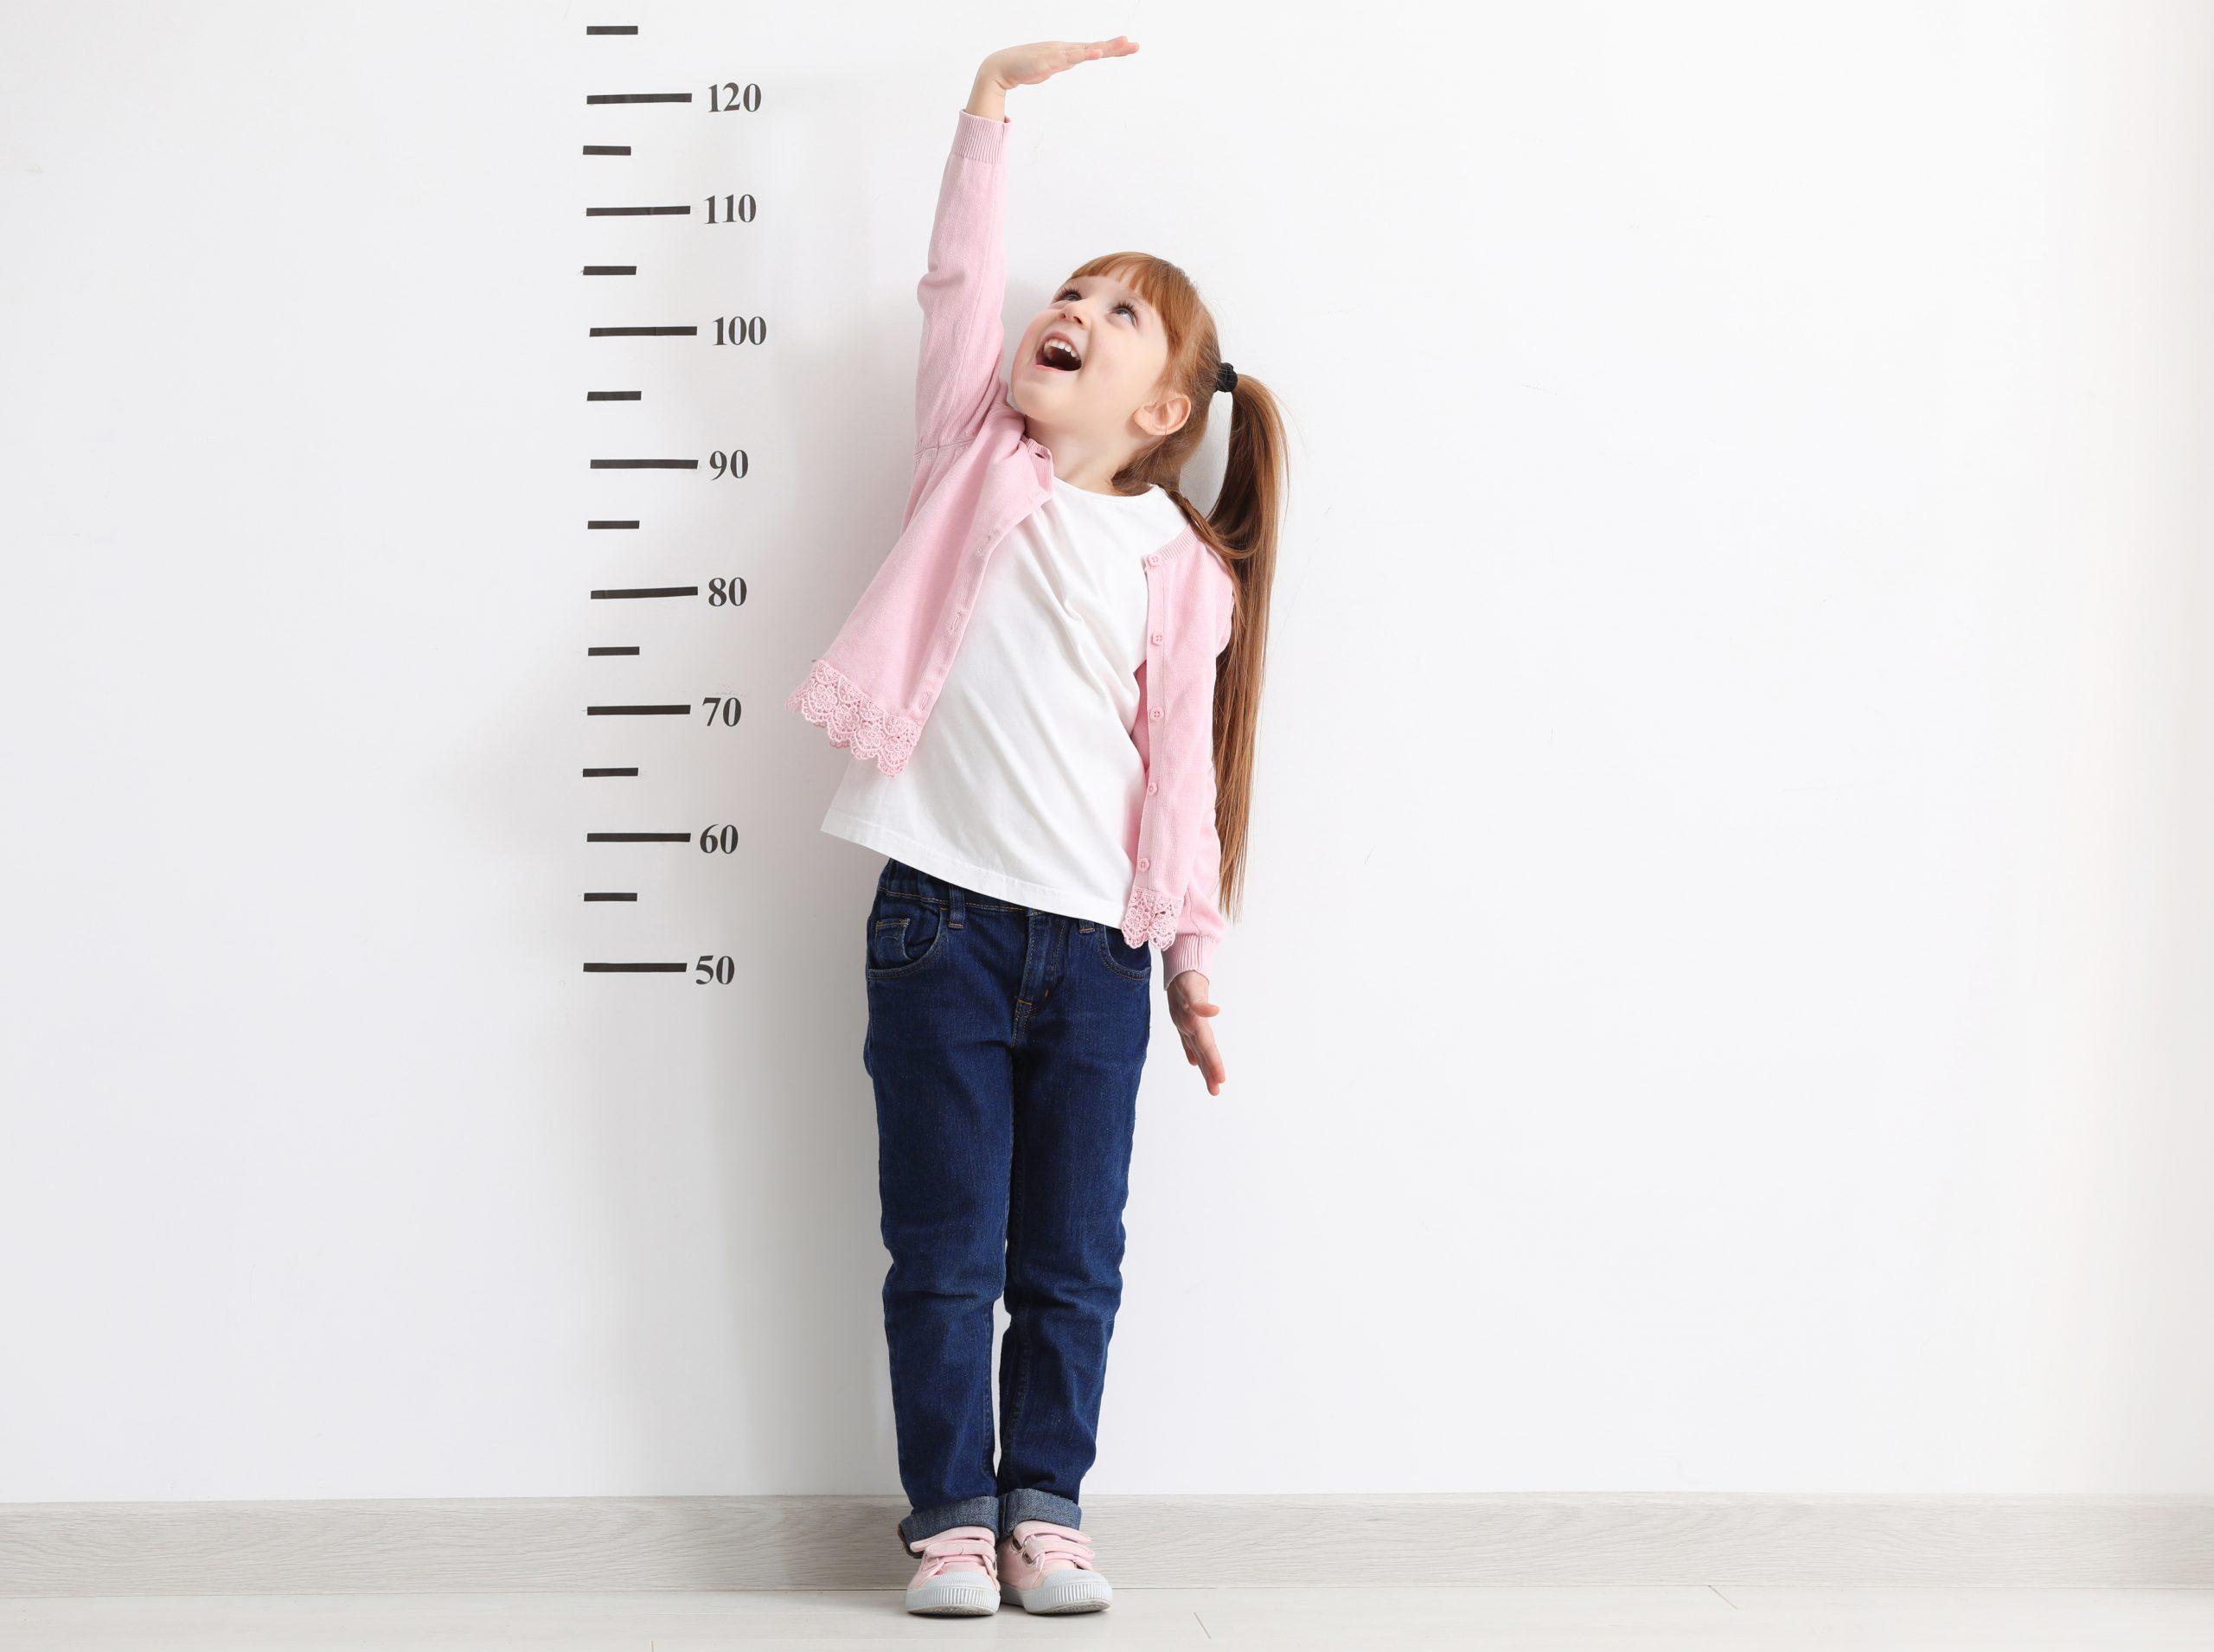 Melanoma vs Spitz Naevi in Children